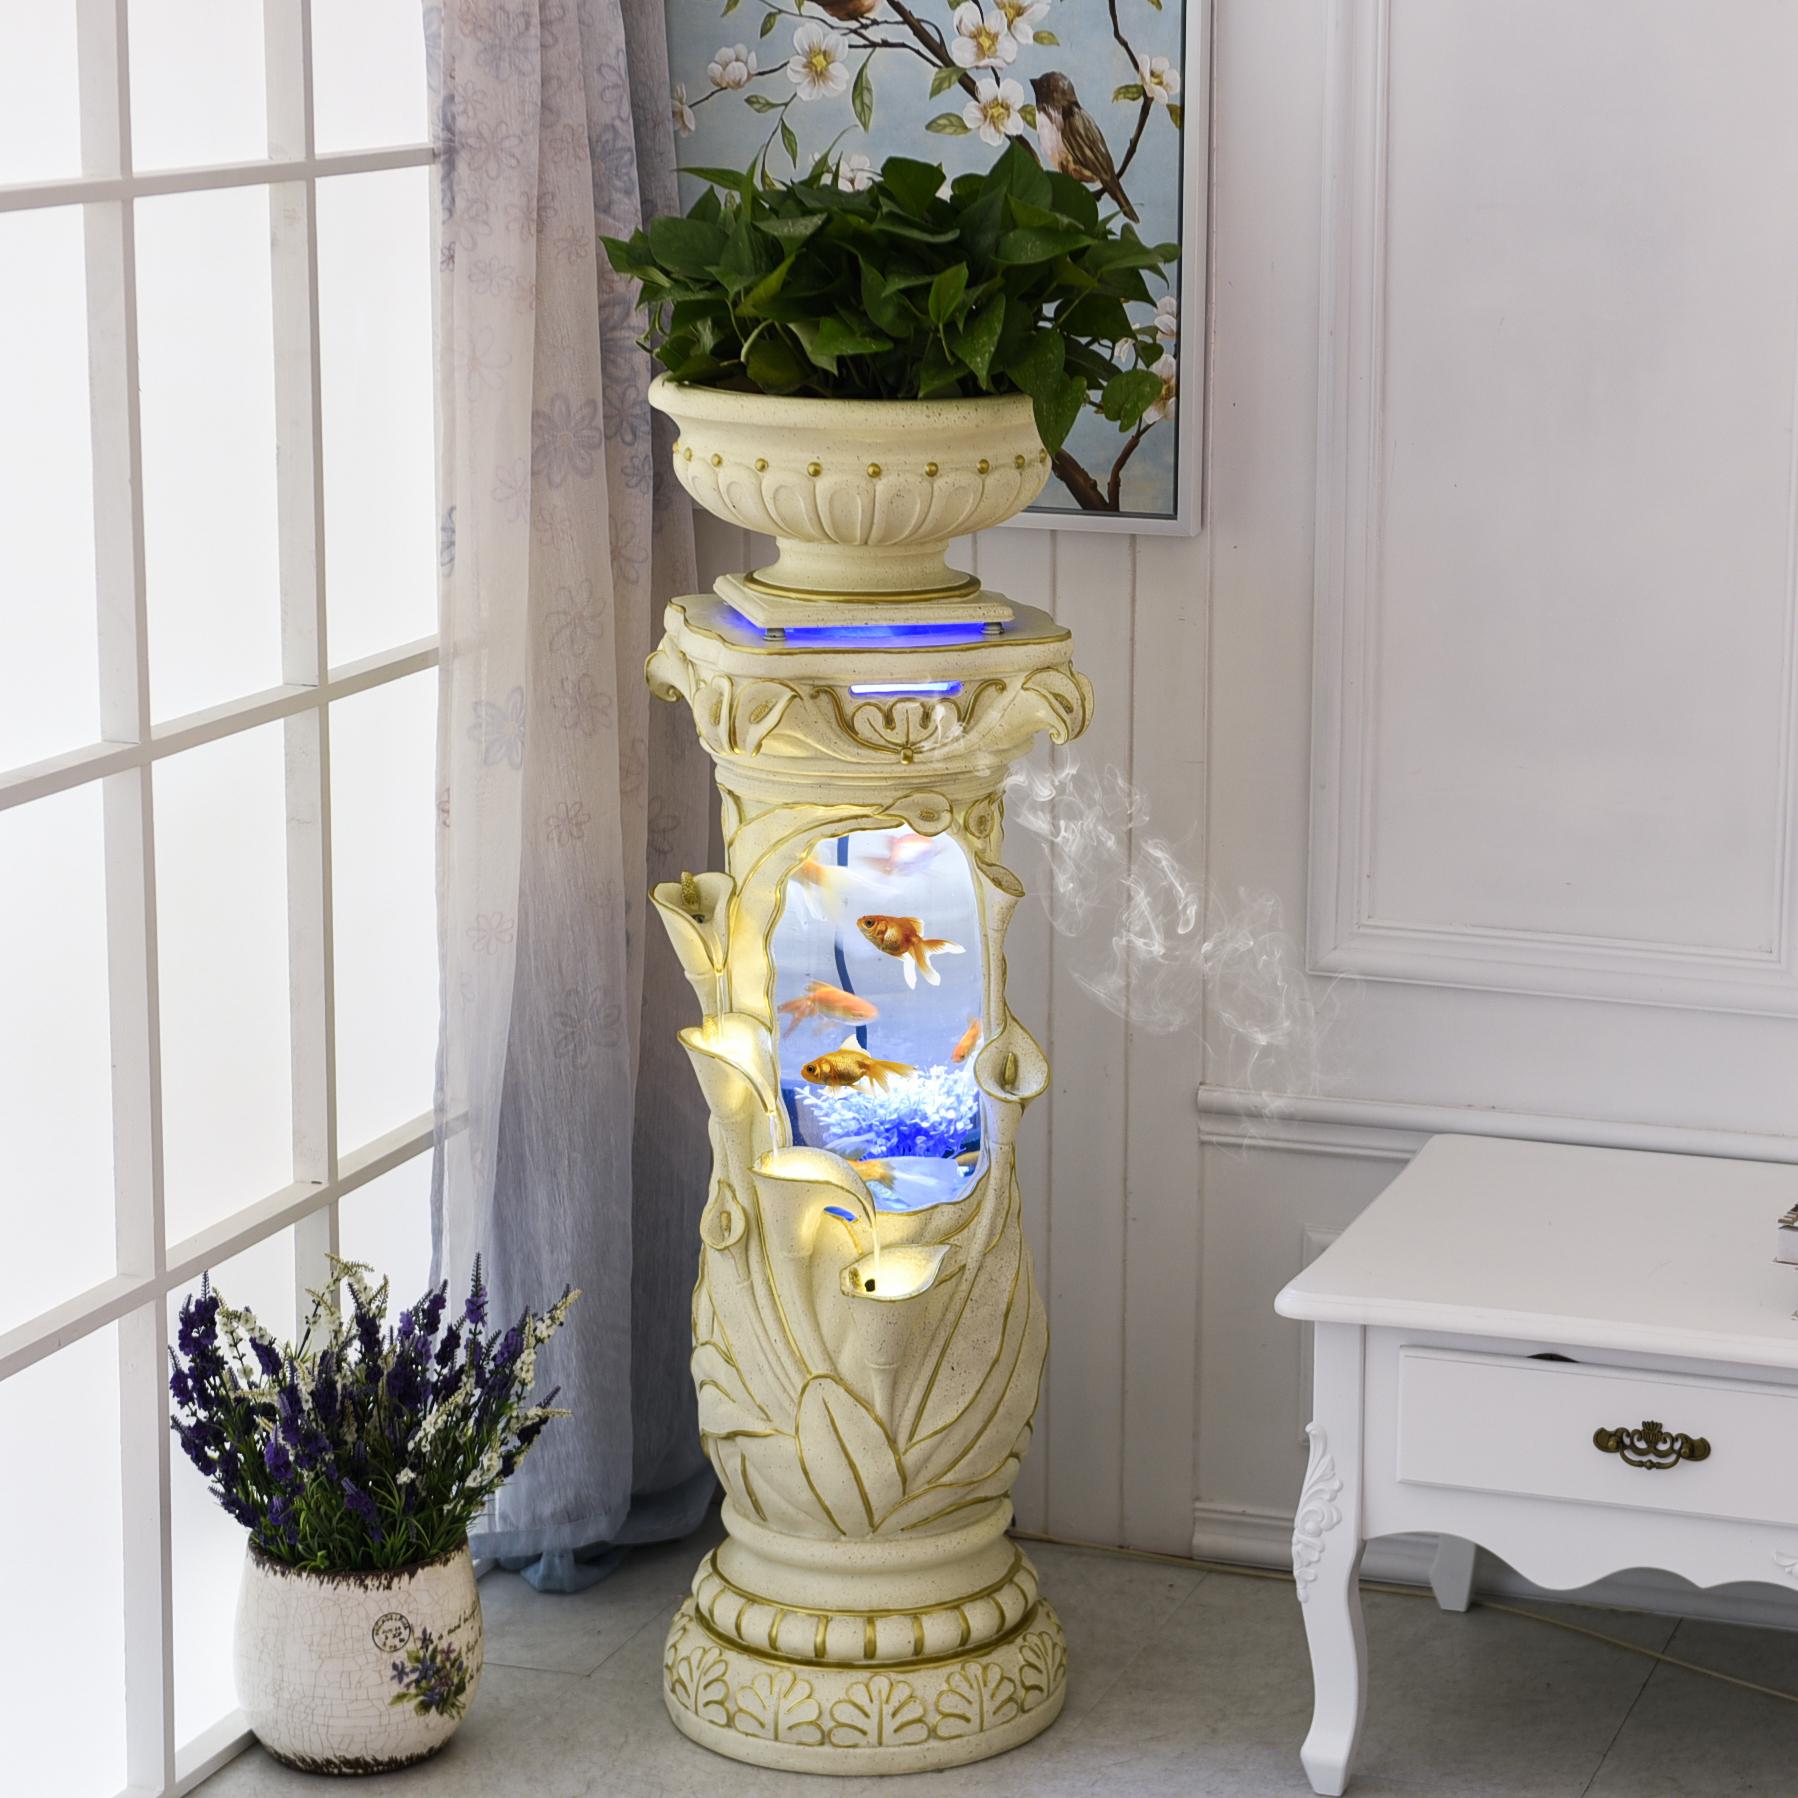 欧式喷泉流水器新房客厅创意装饰品养鱼缸水景风水轮摆件乔迁礼品